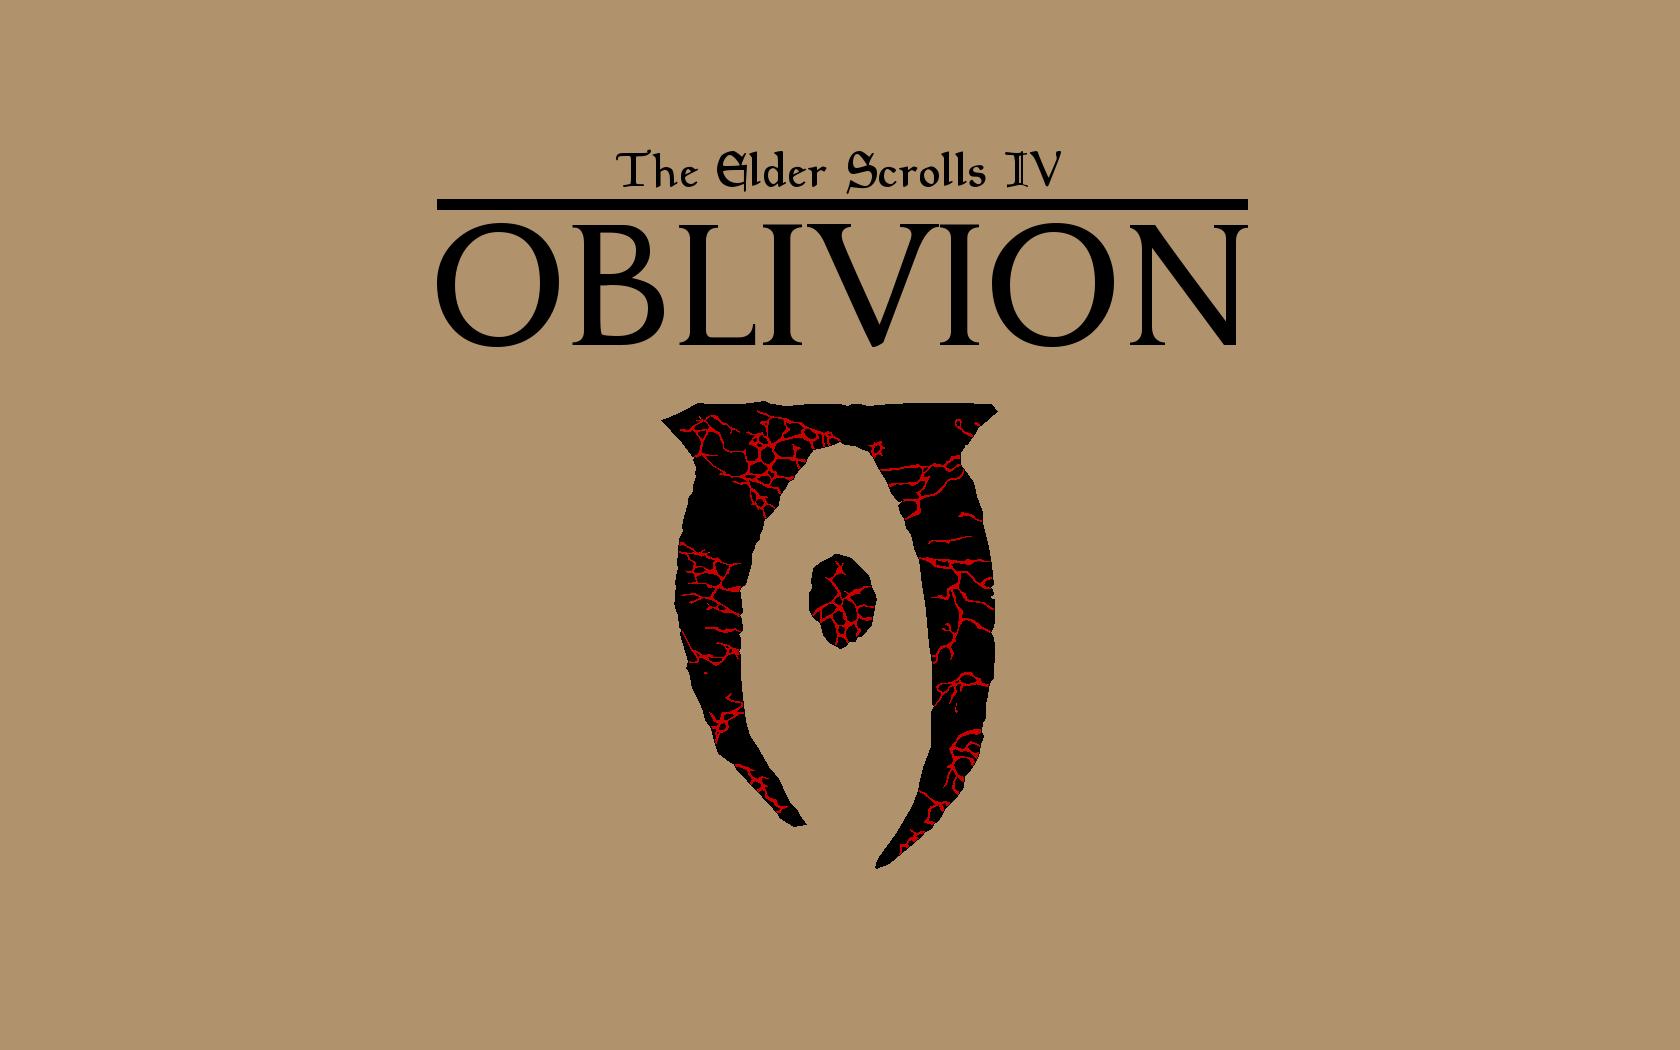 The Elder Scrolls 4 Oblivion Wallpaper By Thejackmoriarty On